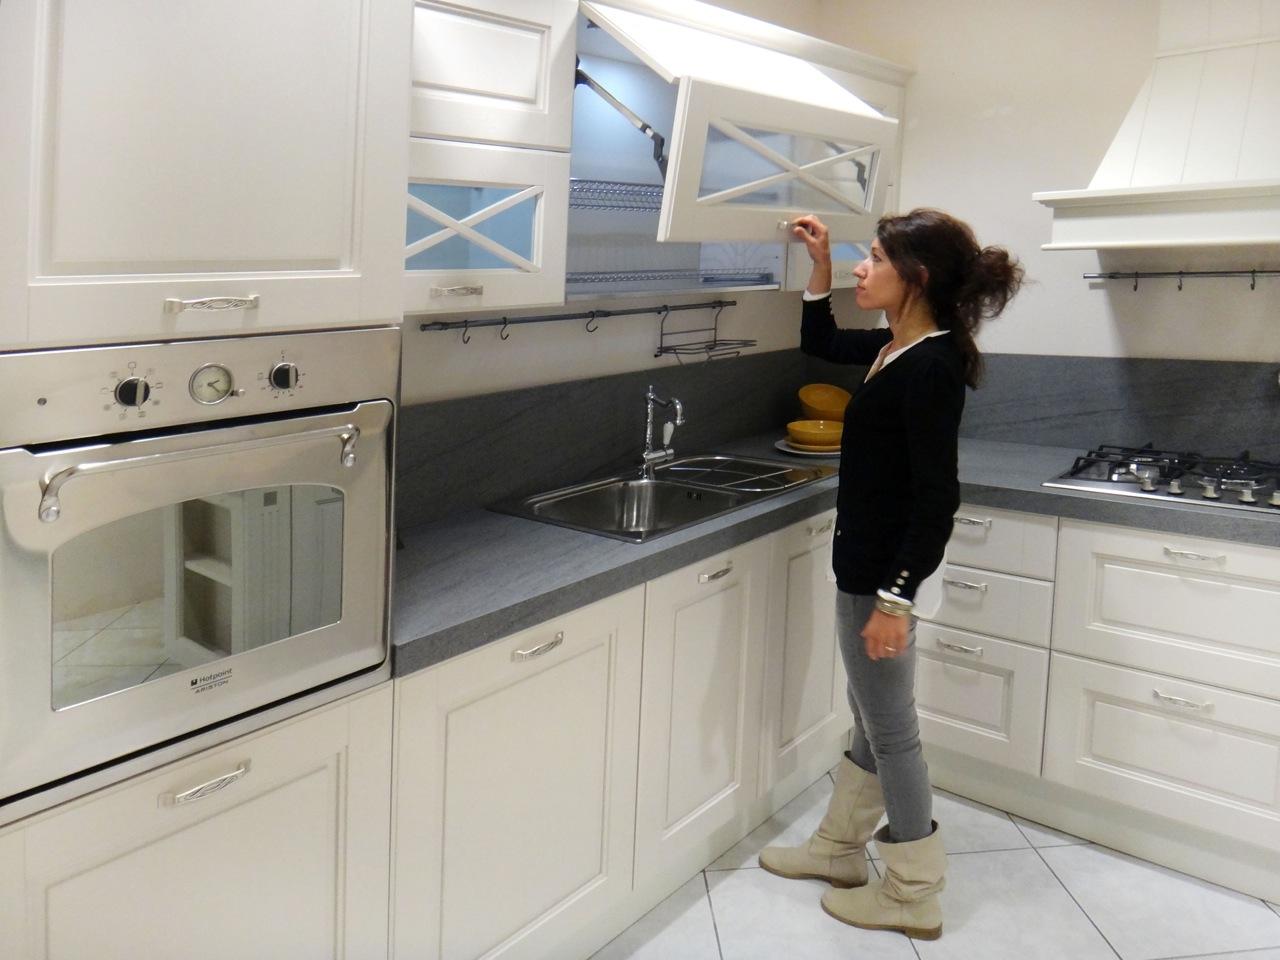 Pavimenti cucine moderne mattonelle per cucine moderne idee di piastrelle patchwork per una - Piastrelle per cucina moderna bianca ...